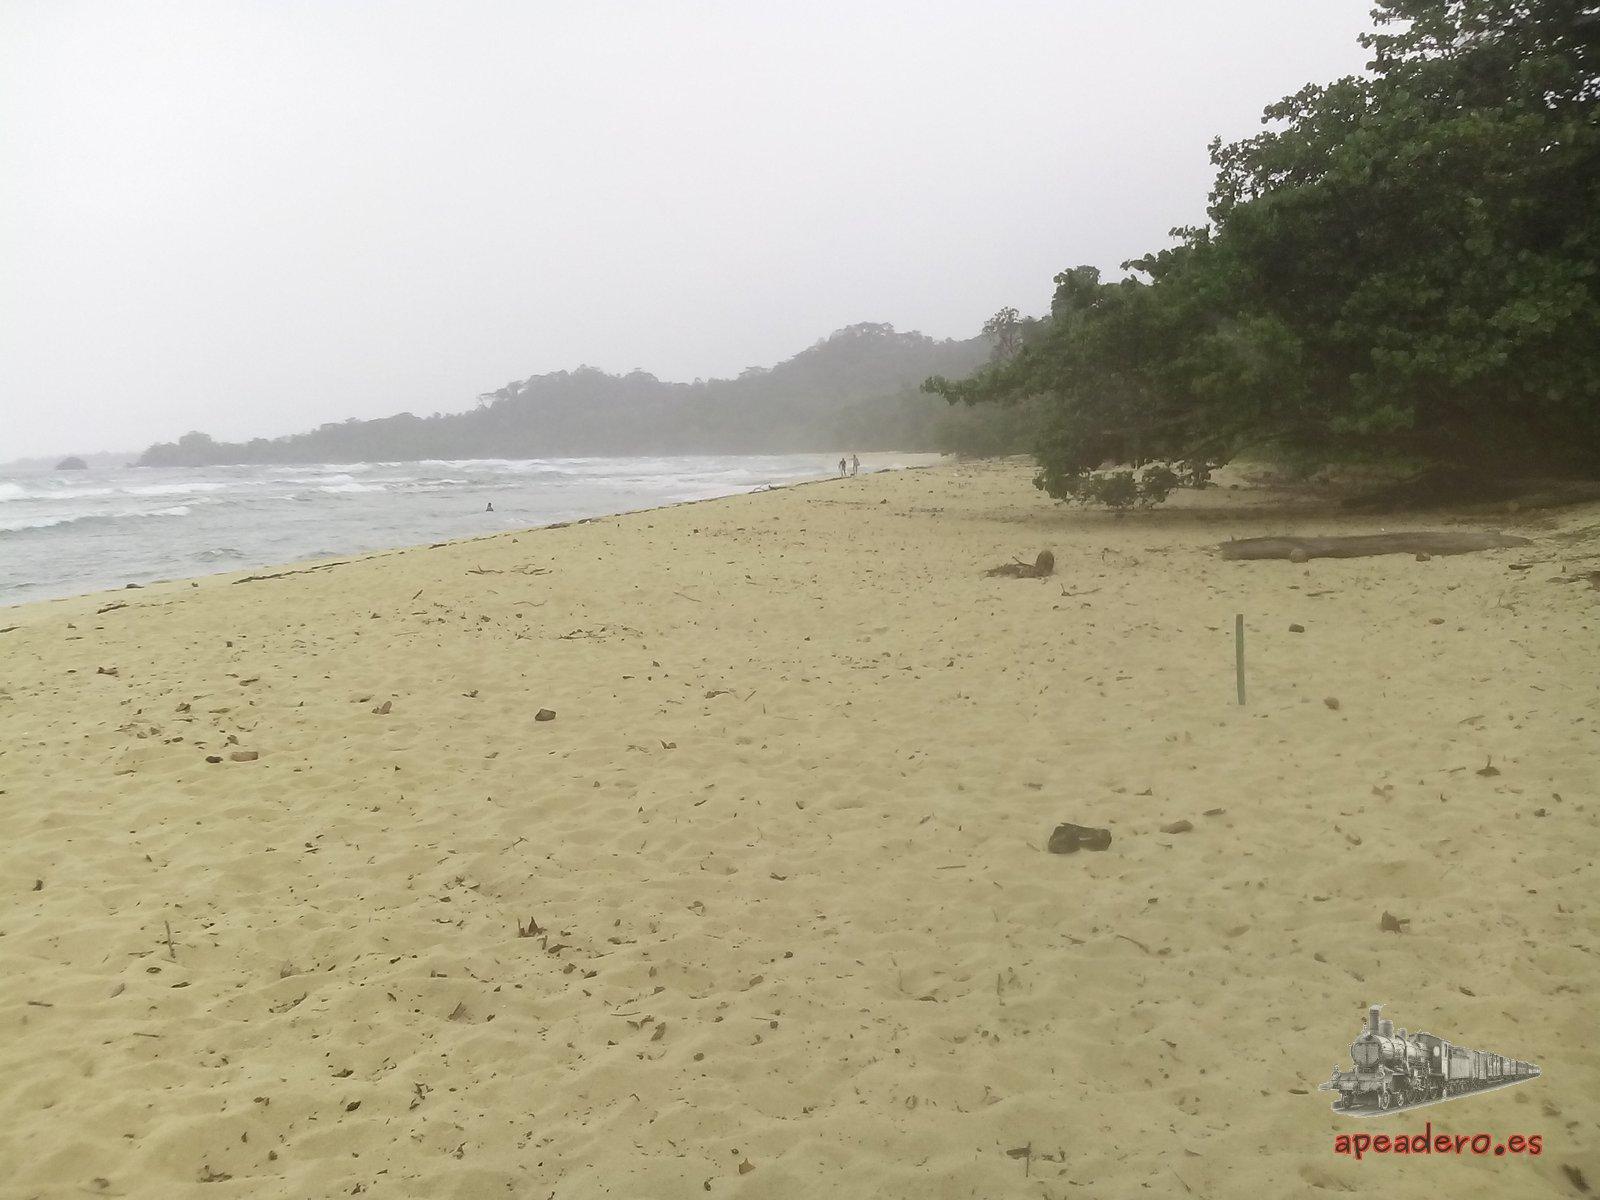 La playa Wizard tiene varios kilómetros de longitud, lo cual te asegura que nadie te va a molestar.